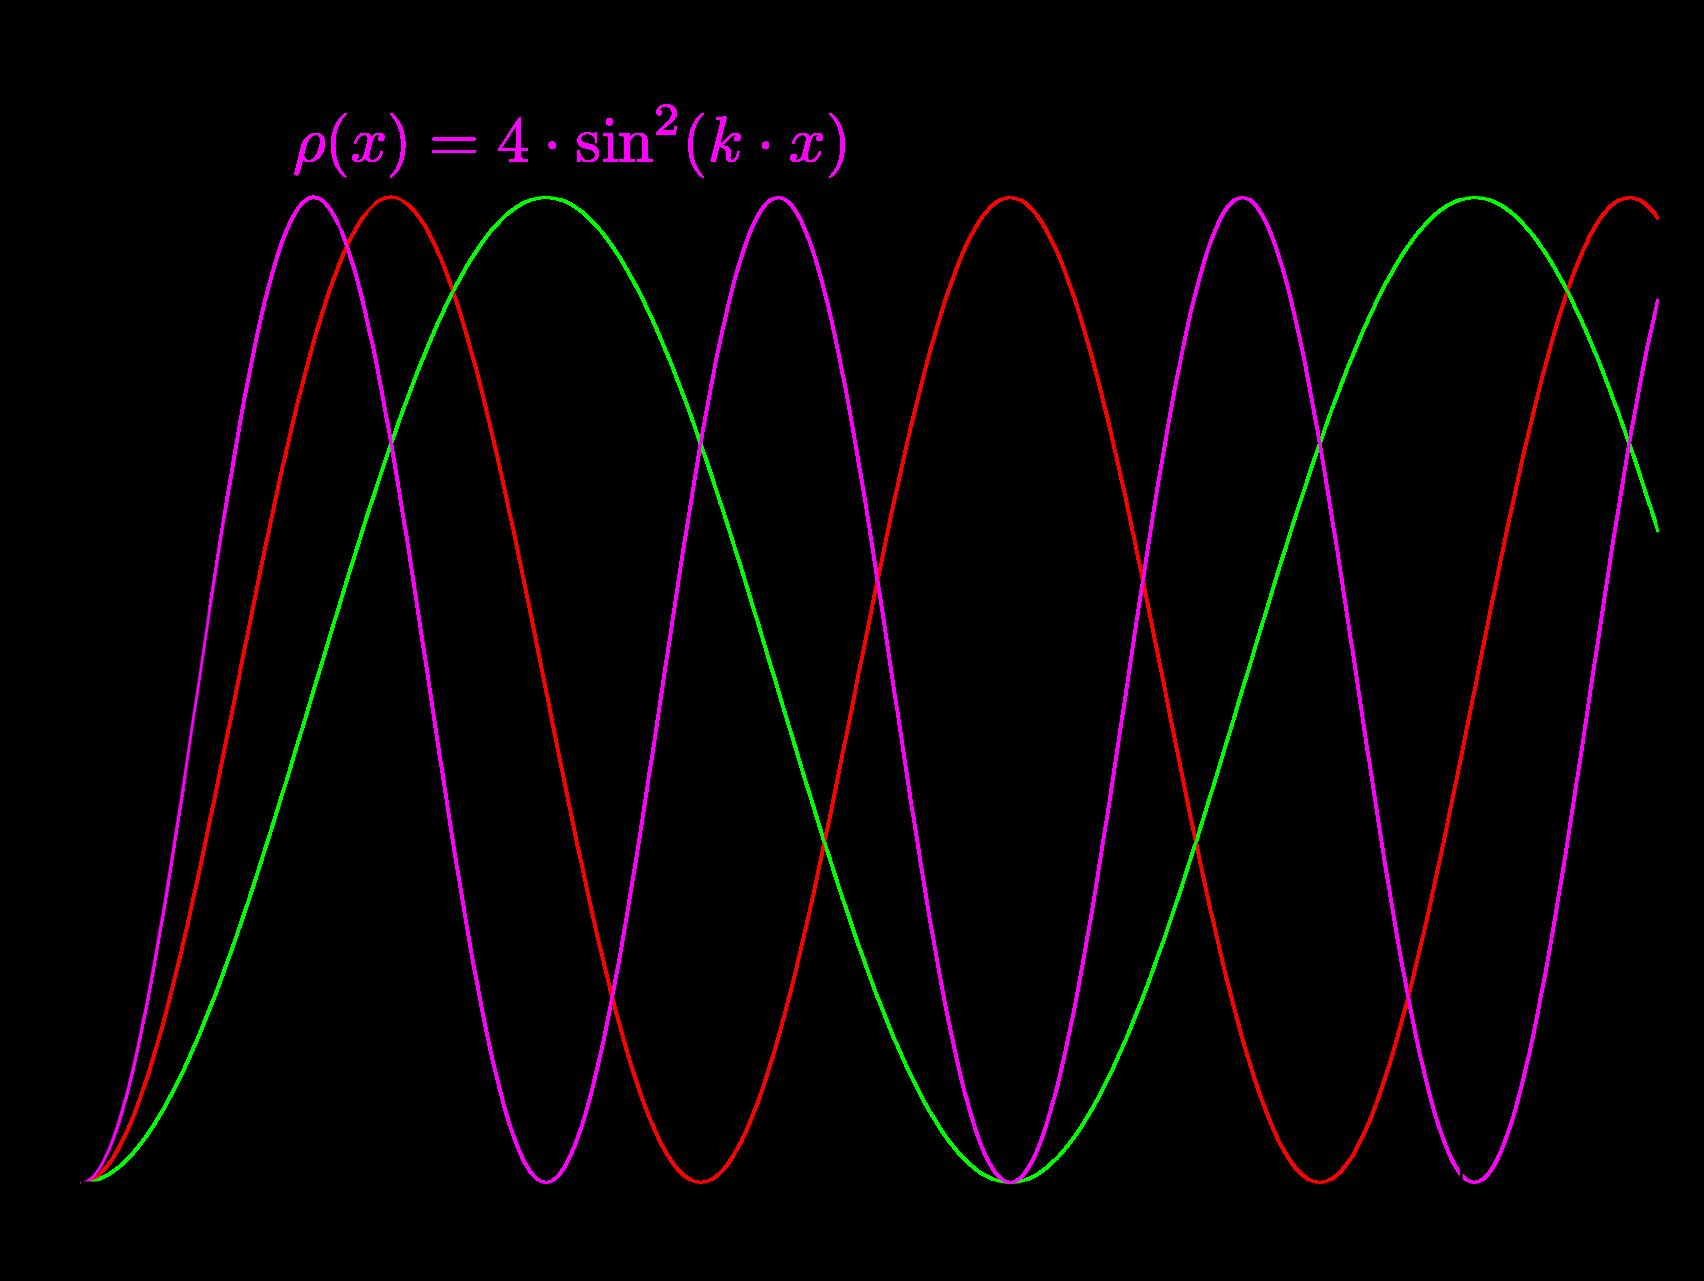 Черная кривая - плотность вероятности для некоего среднего значения импульса.